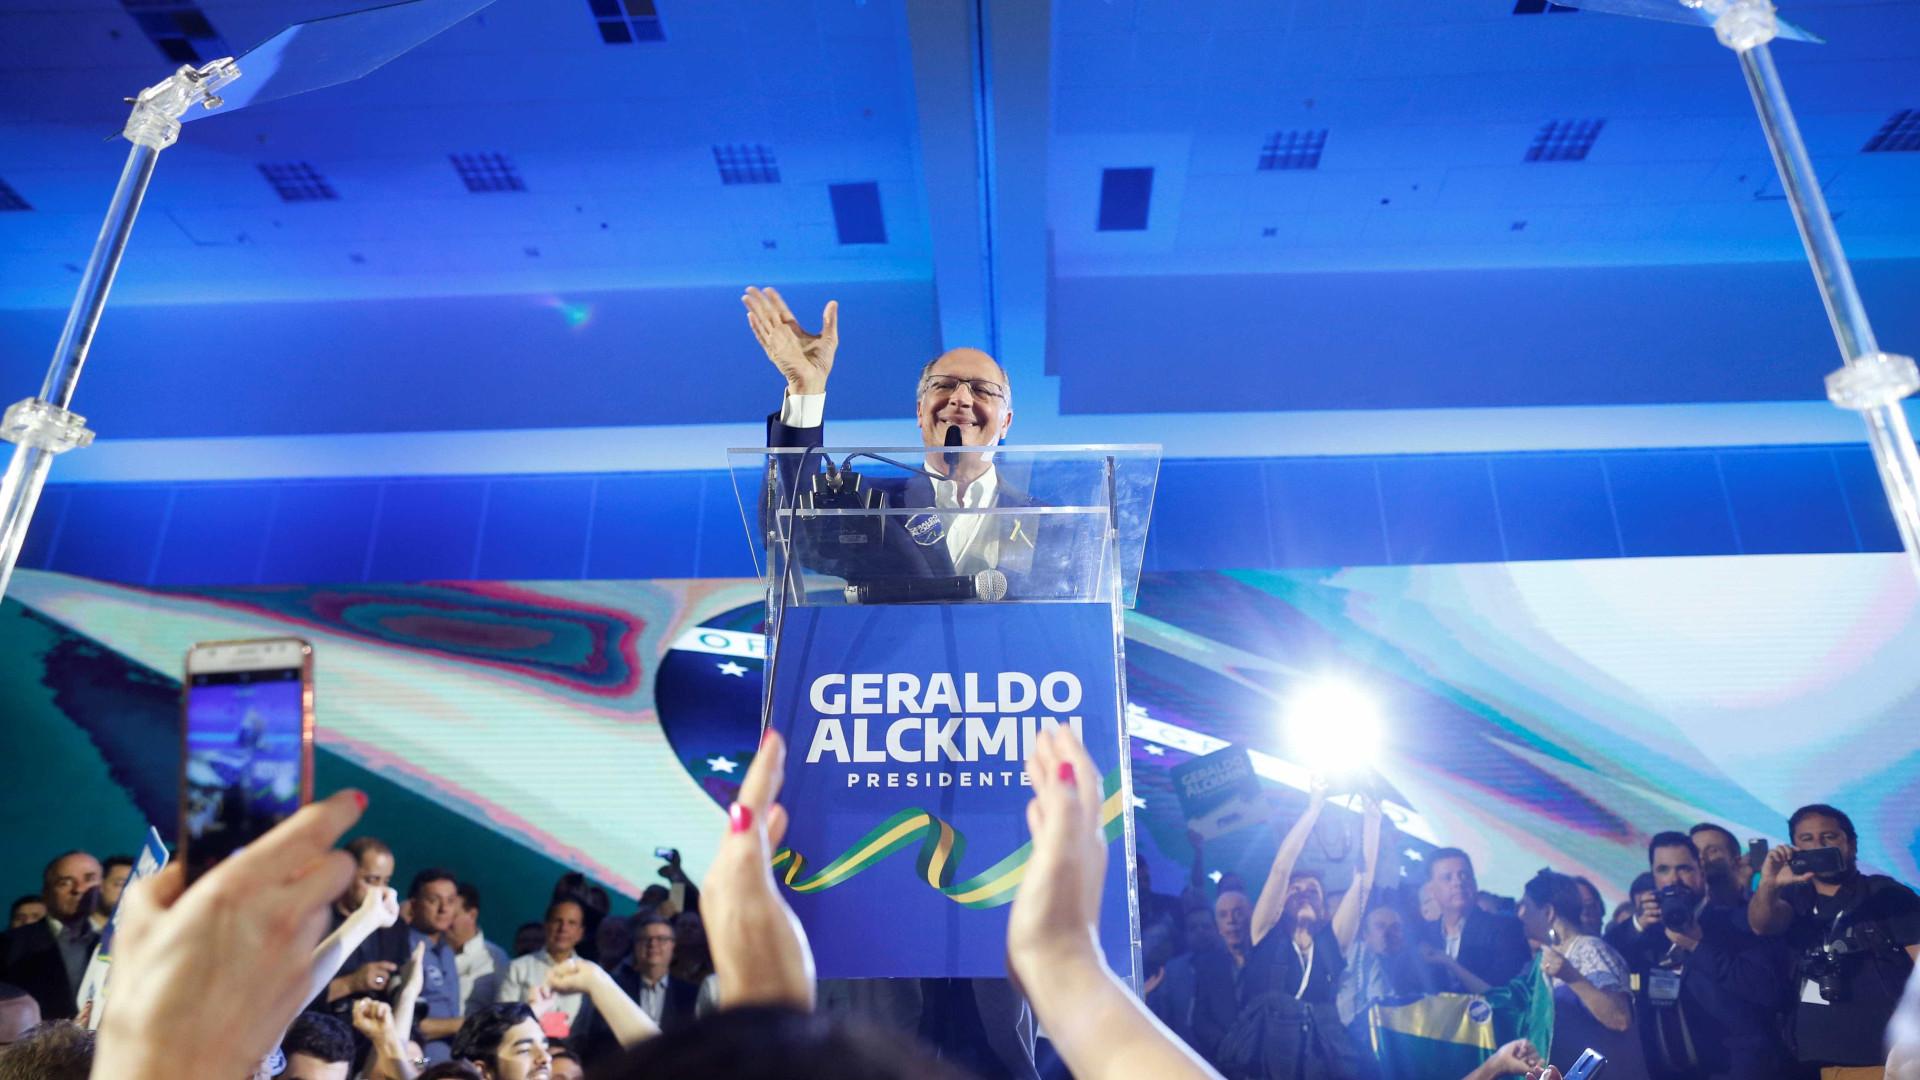 Alckmin faz ofensiva para mudar imagem e virar candidato dos pobres